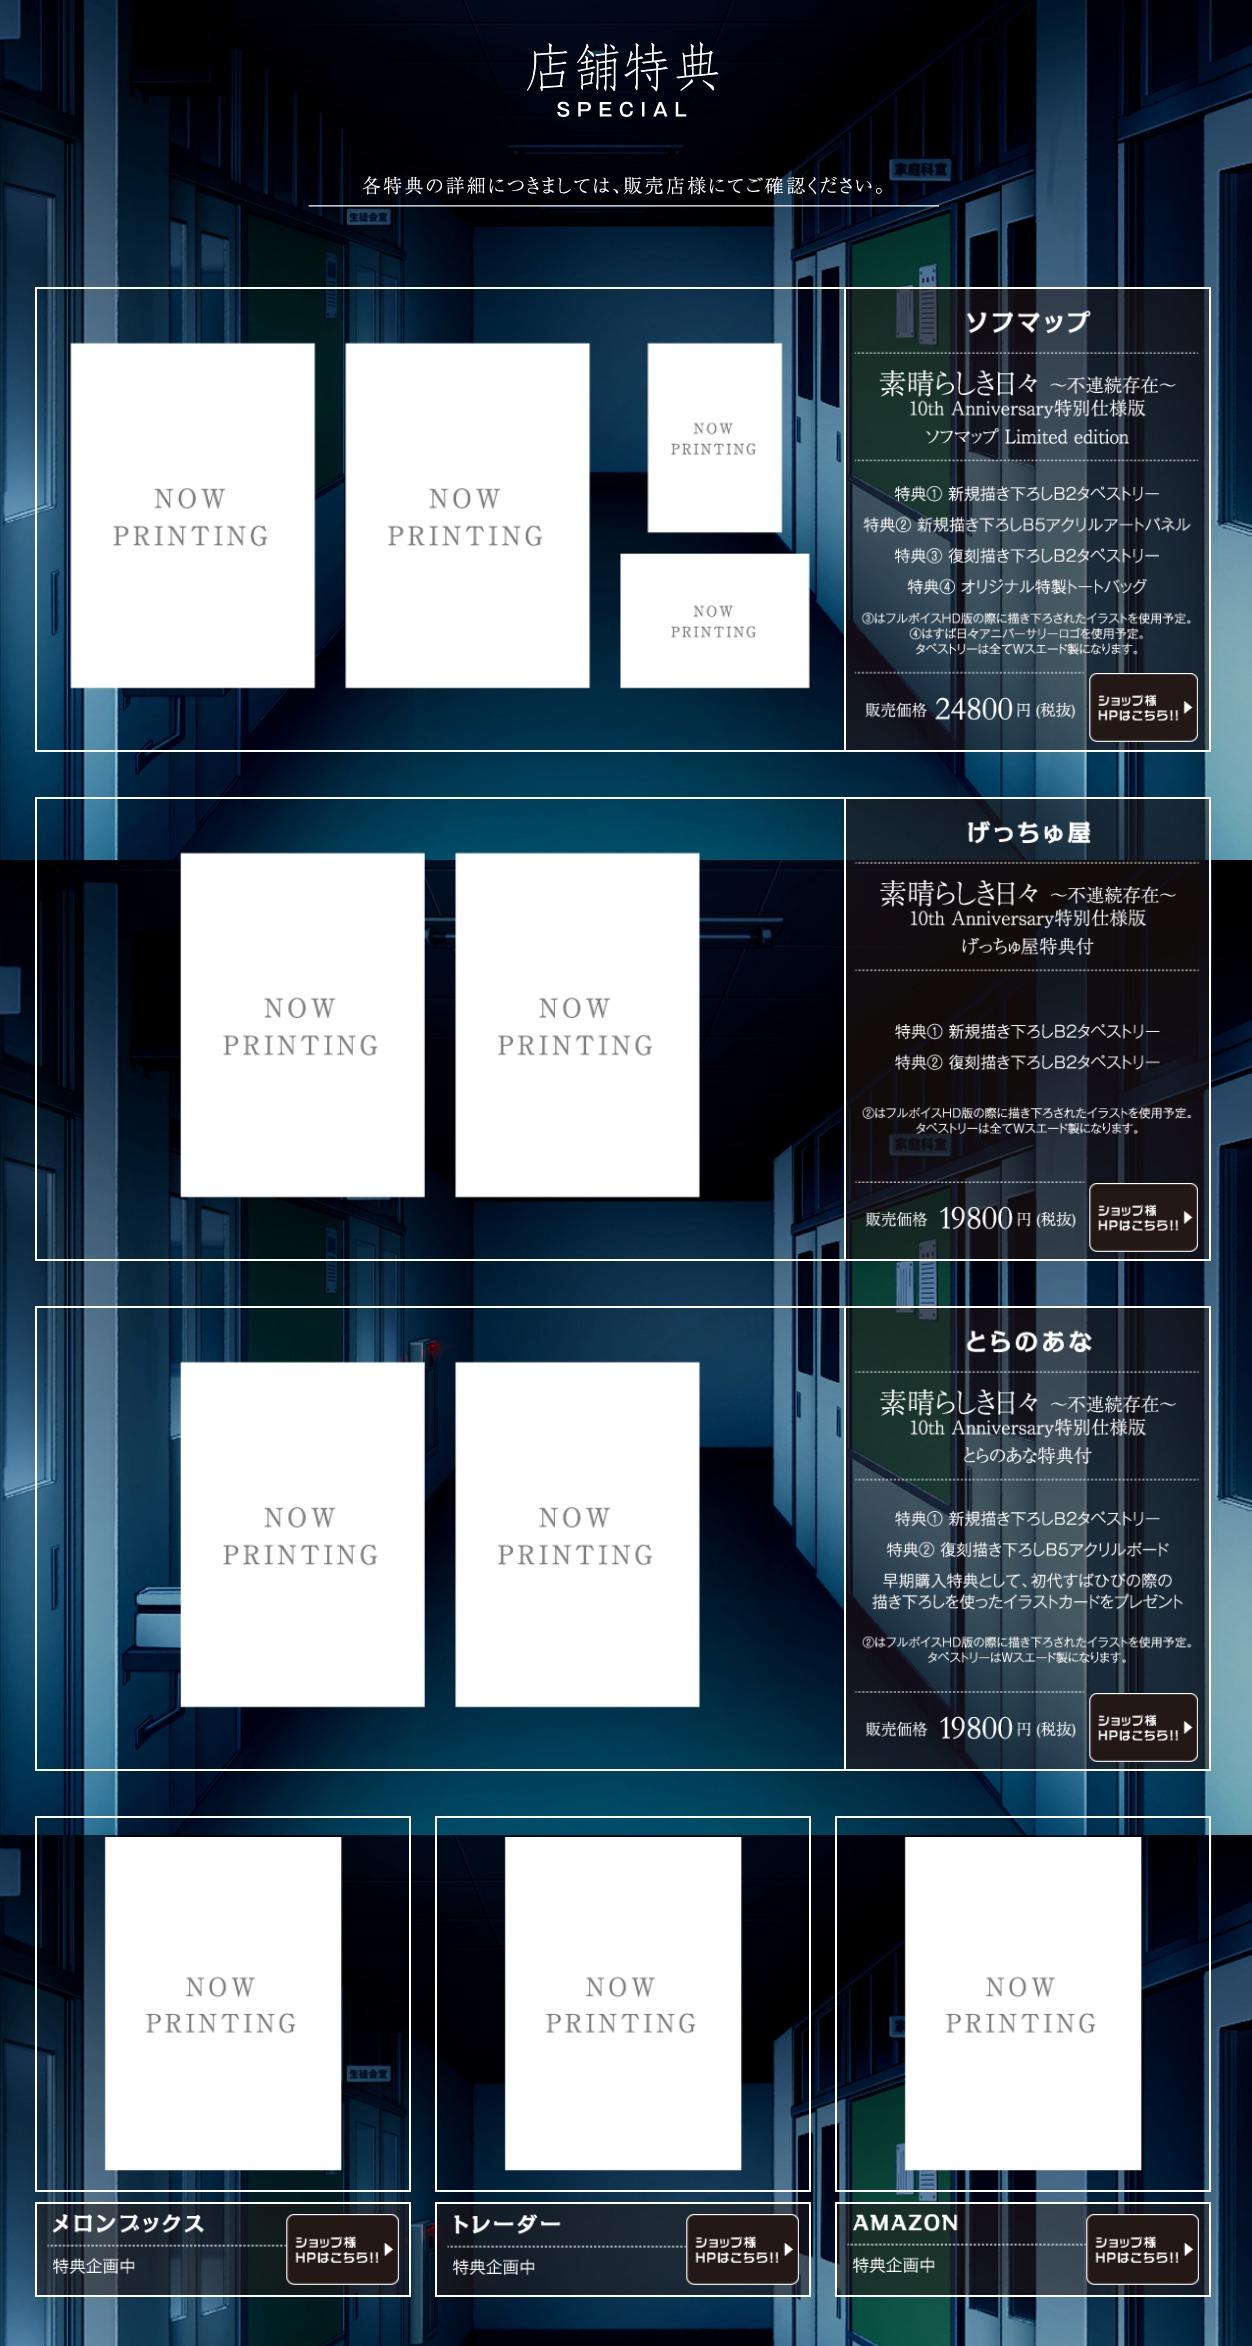 店舗特典情報-素晴らしき日々-10th-Anniversary特別仕様版